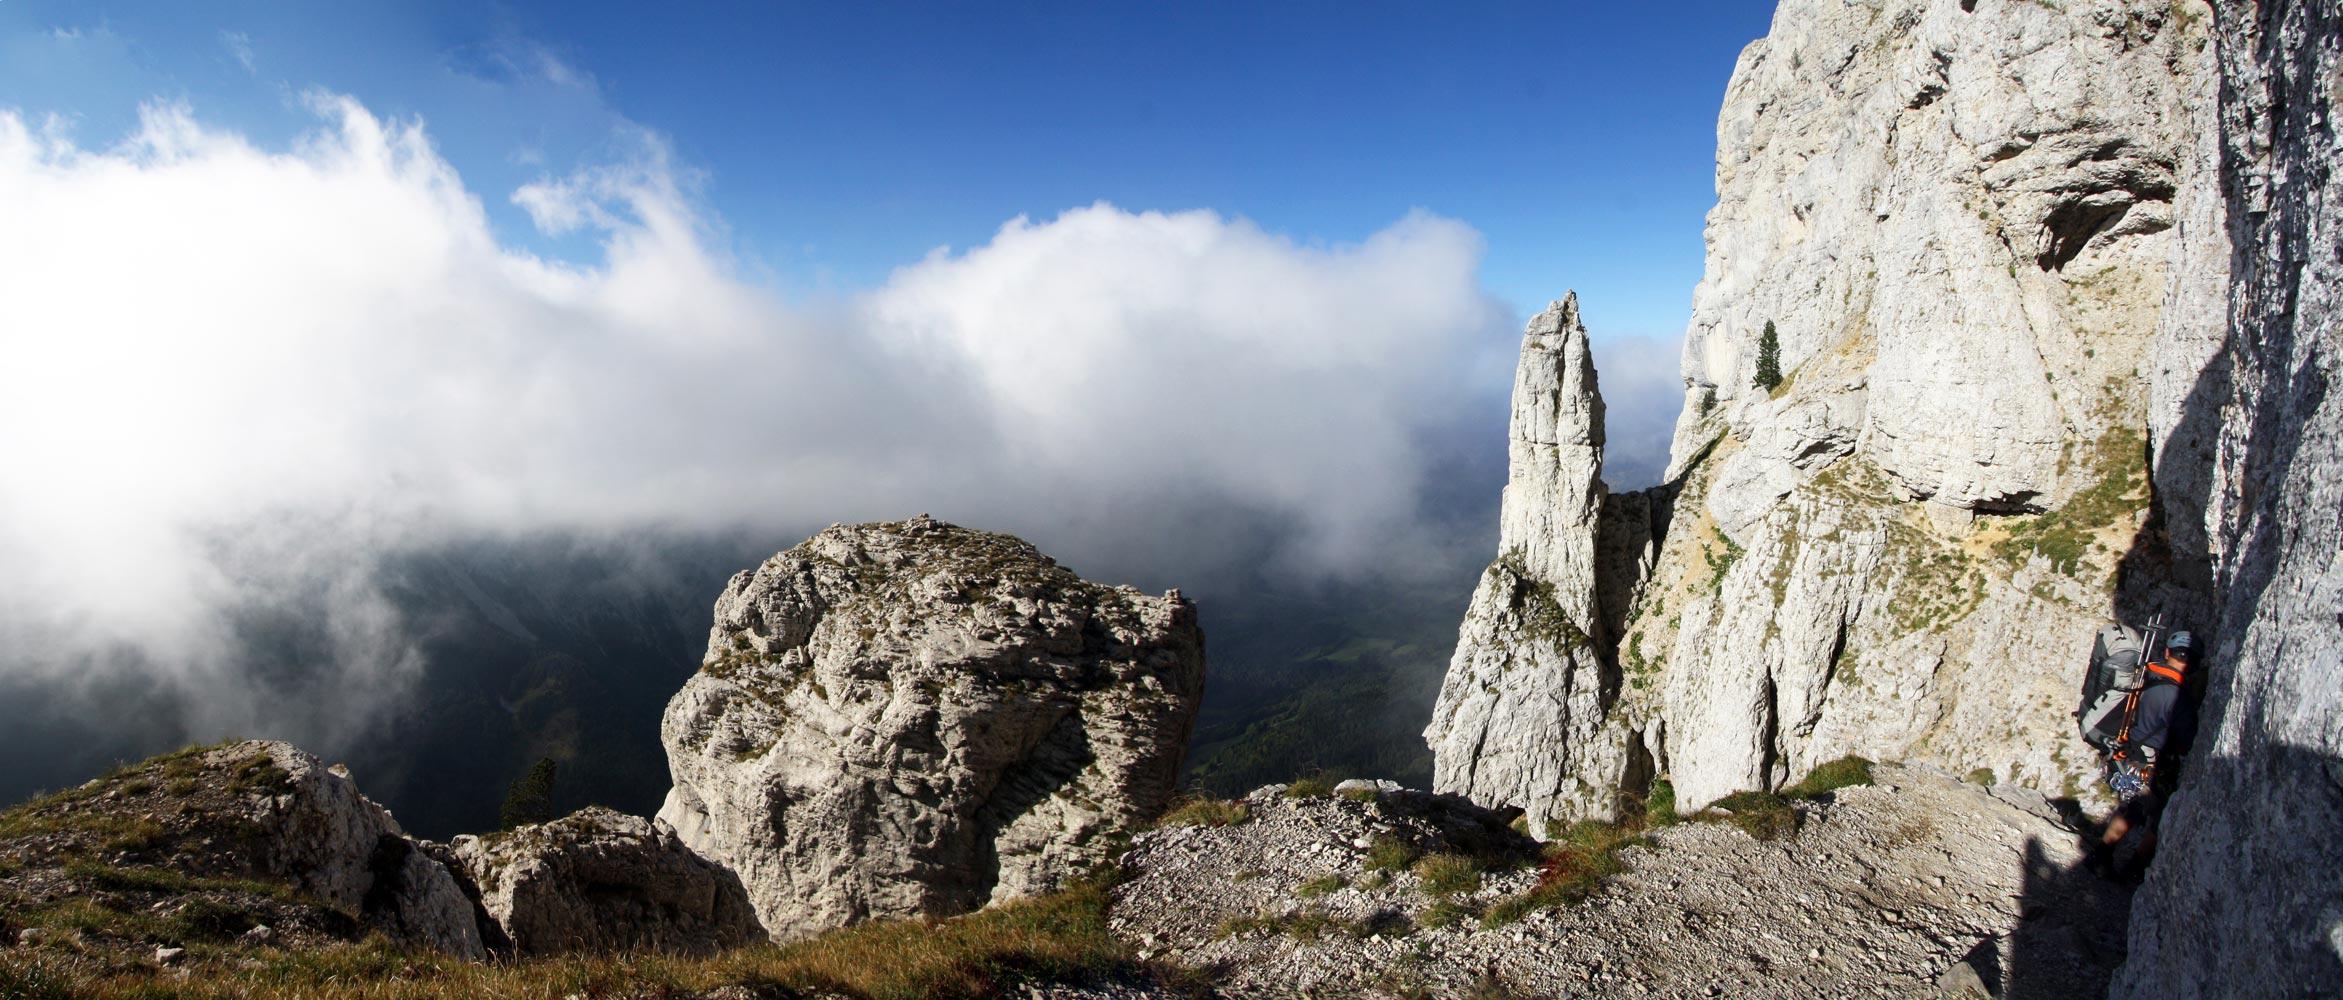 Ascension du Mont Aiguille par la voie normale